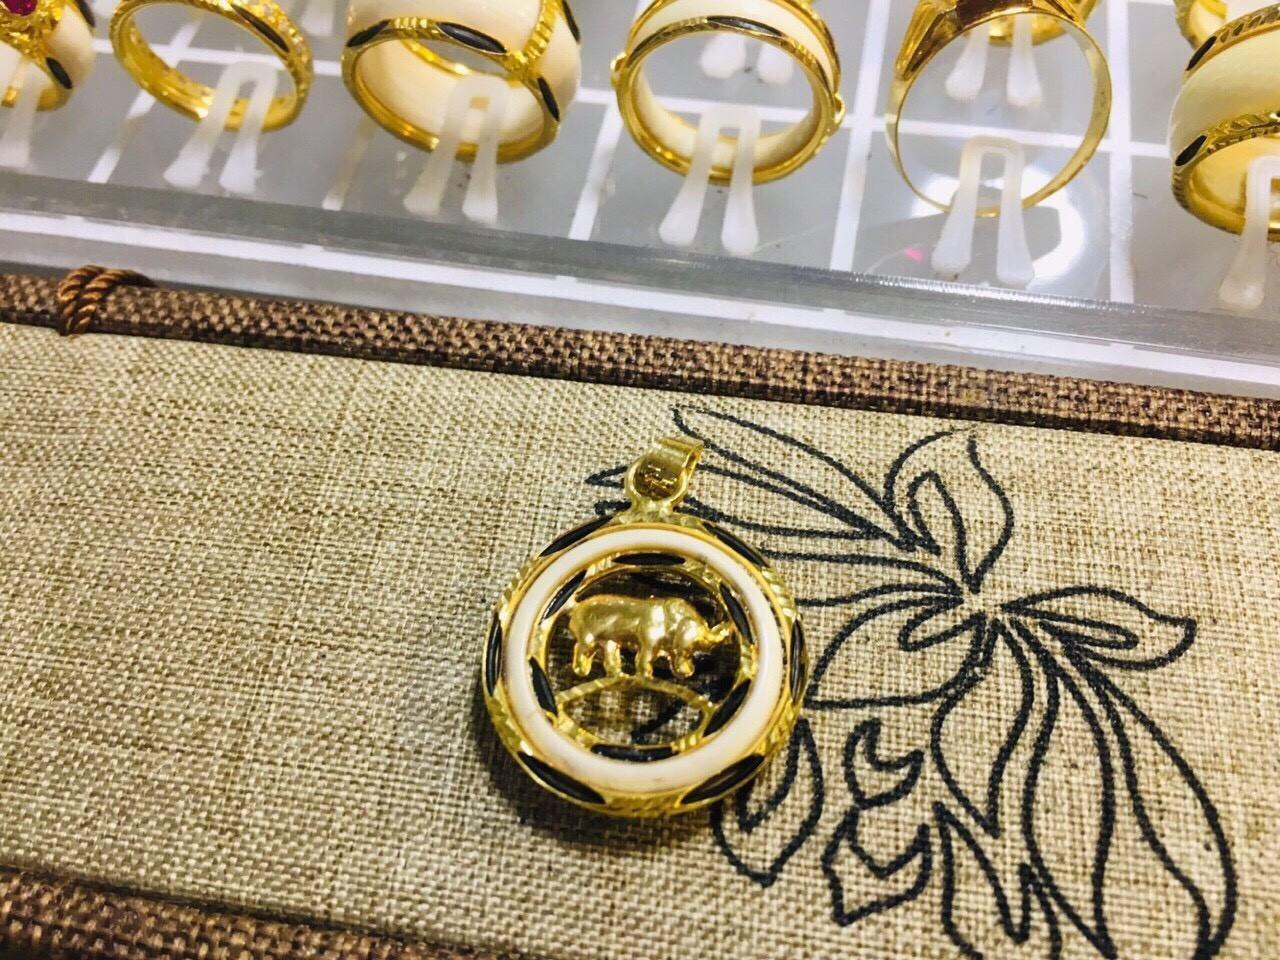 Mặt dây chuyền vàng 12 con giáp xỏ lông voi phong thủy đẹp nhất